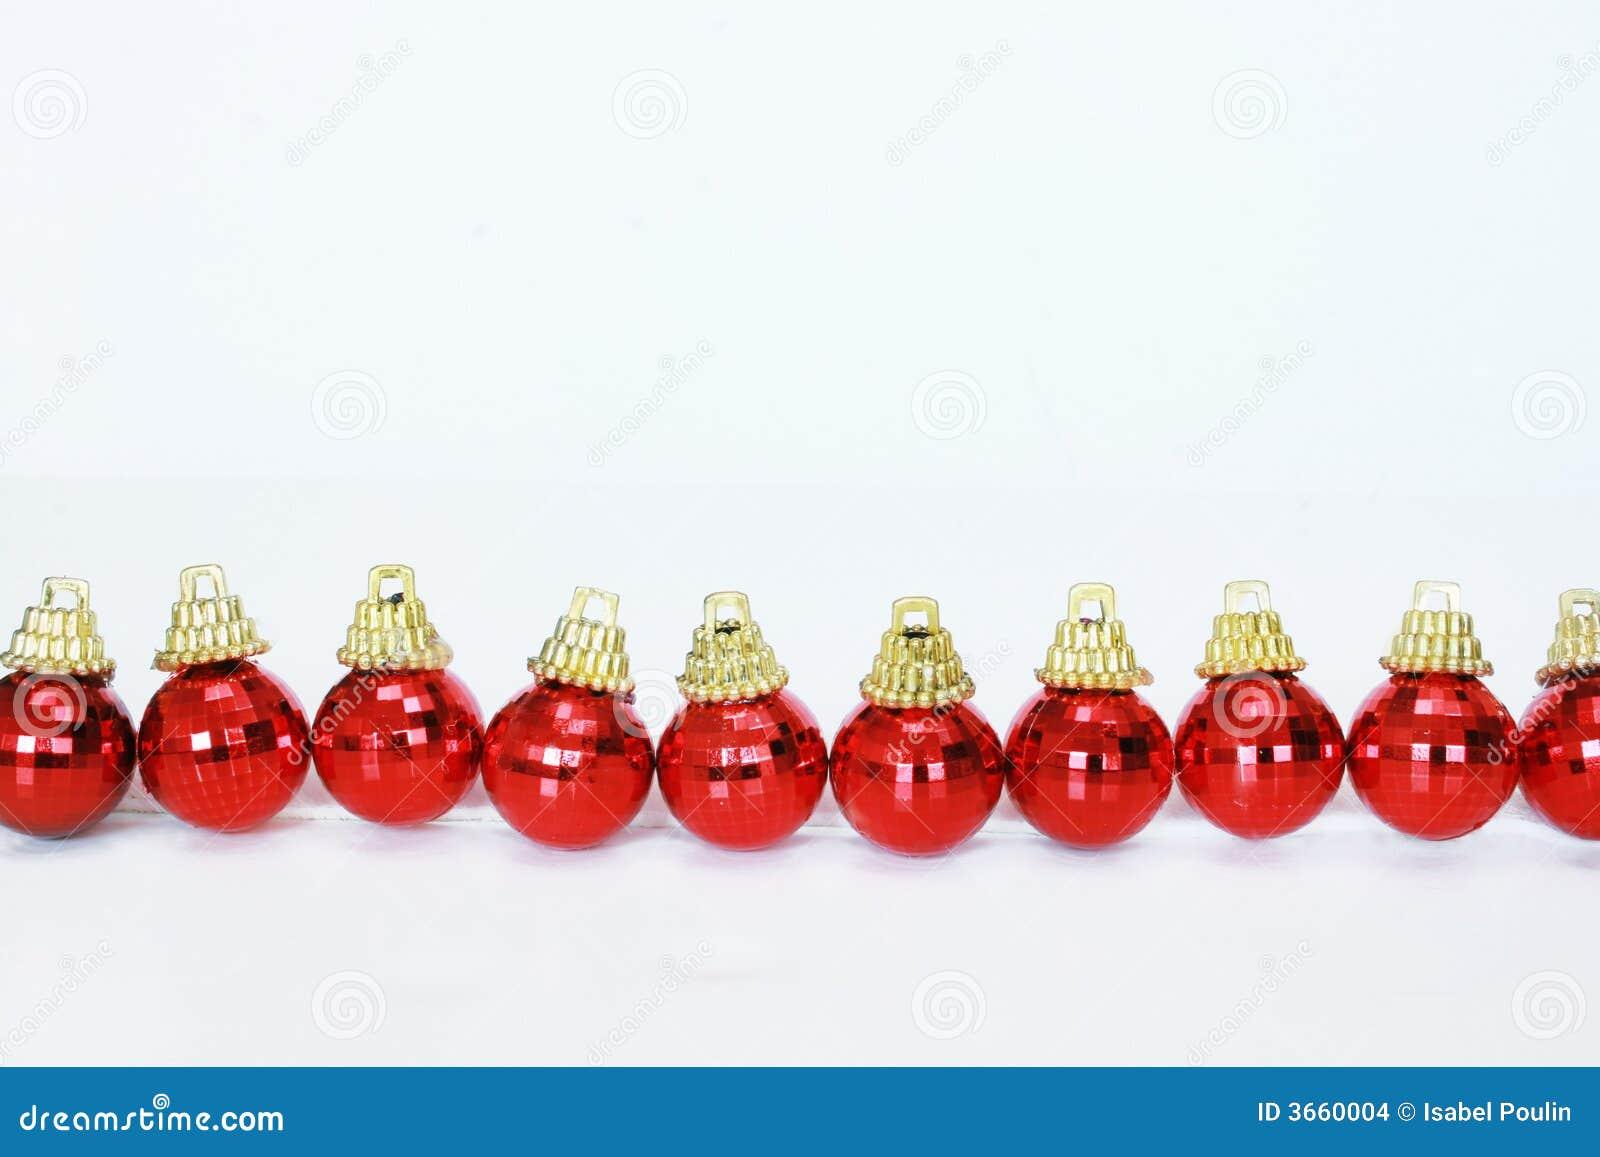 reihe der roten weihnachtskugeln stockfoto bild von wei. Black Bedroom Furniture Sets. Home Design Ideas